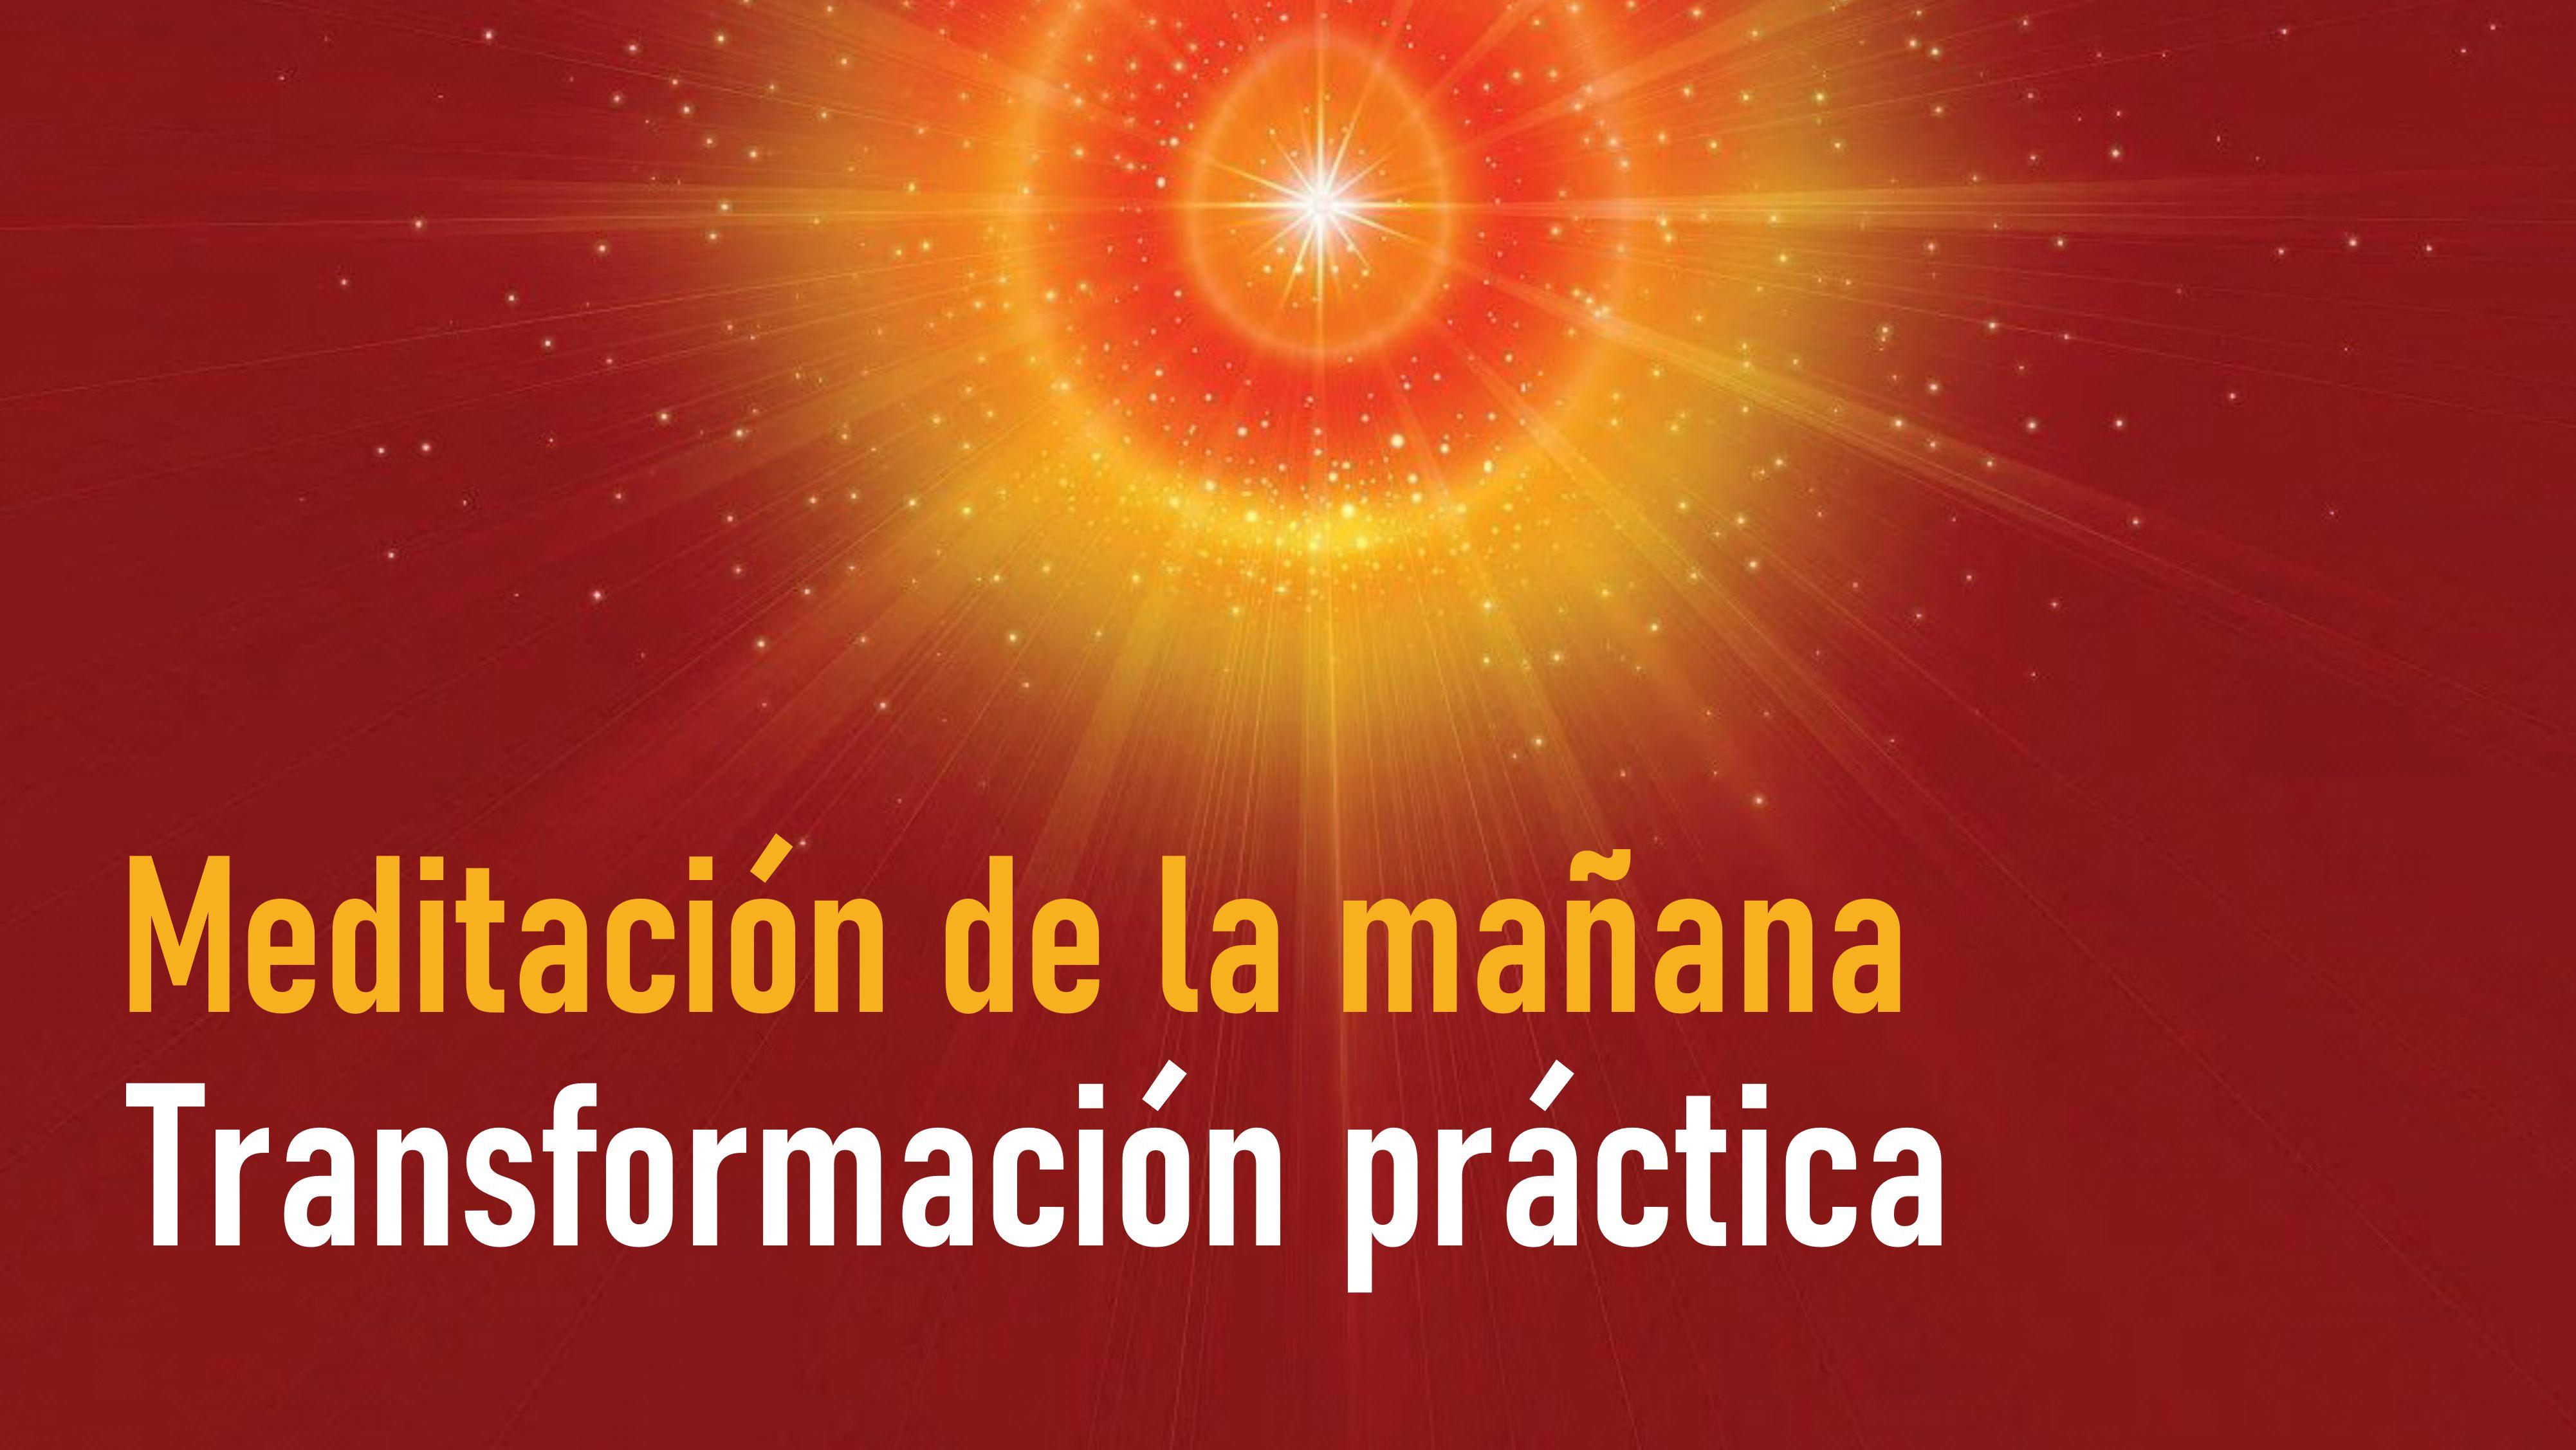 Meditación de la mañana Raja Yoga: Transformación práctica (20 Octubre 2020)